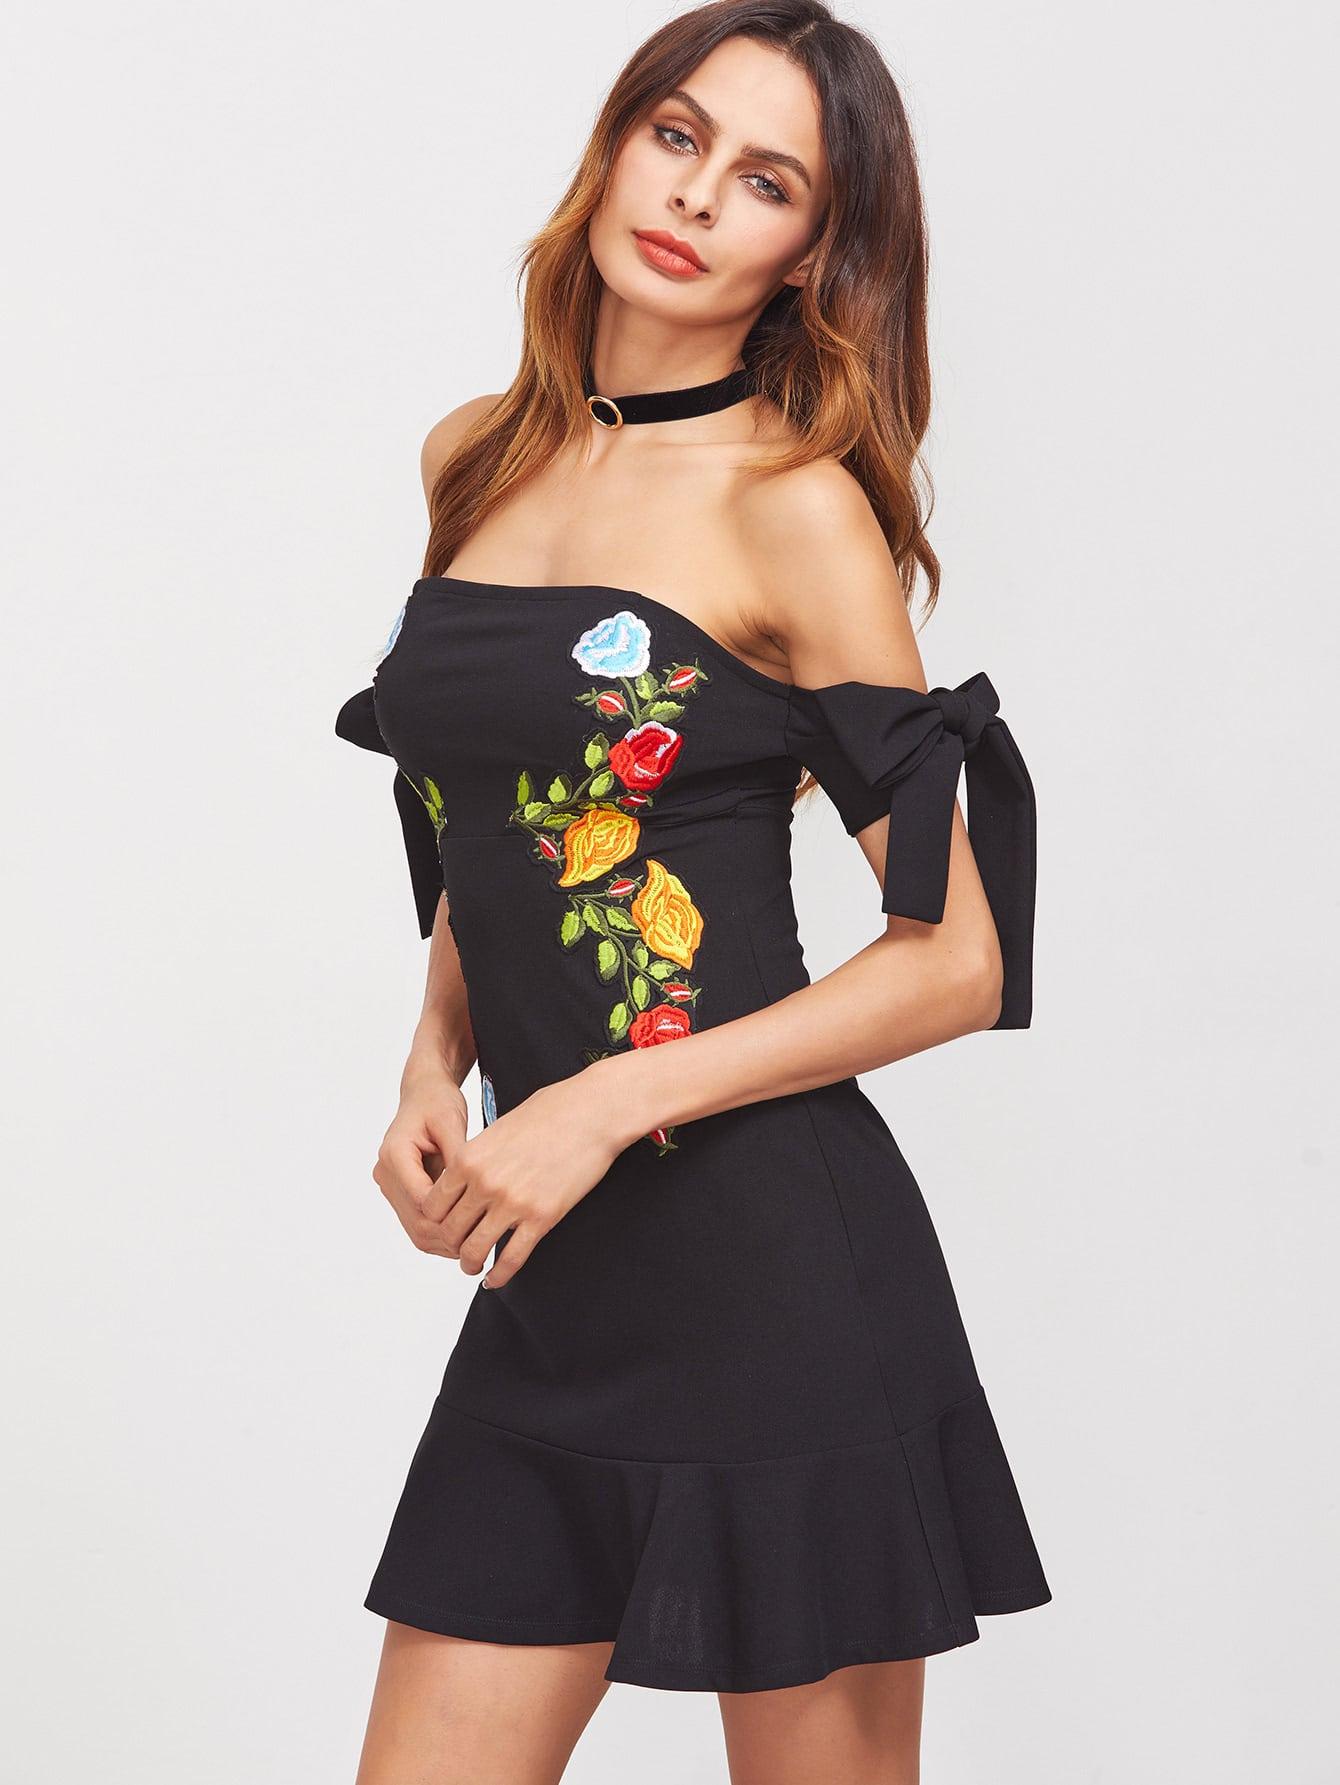 dress161229705_2